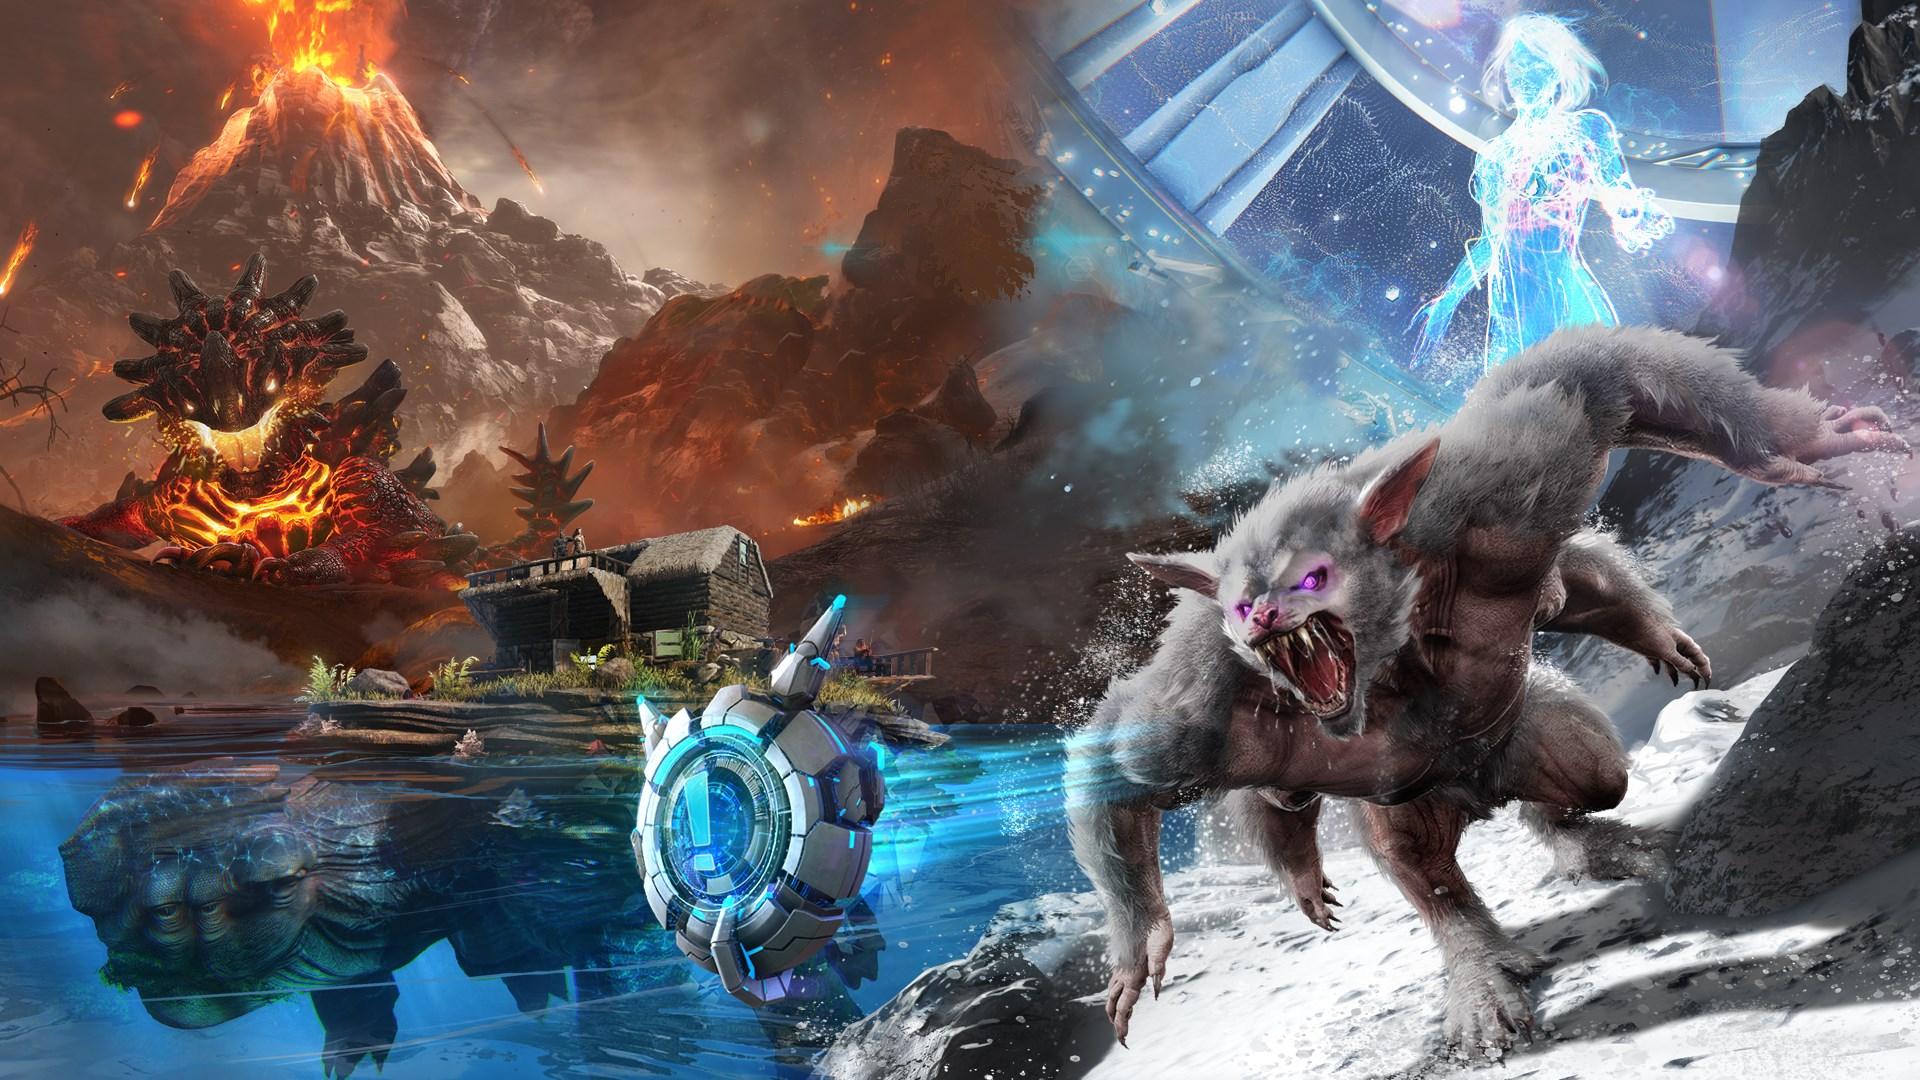 Новые релизы Xbox на следующей неделе 24-1 марта